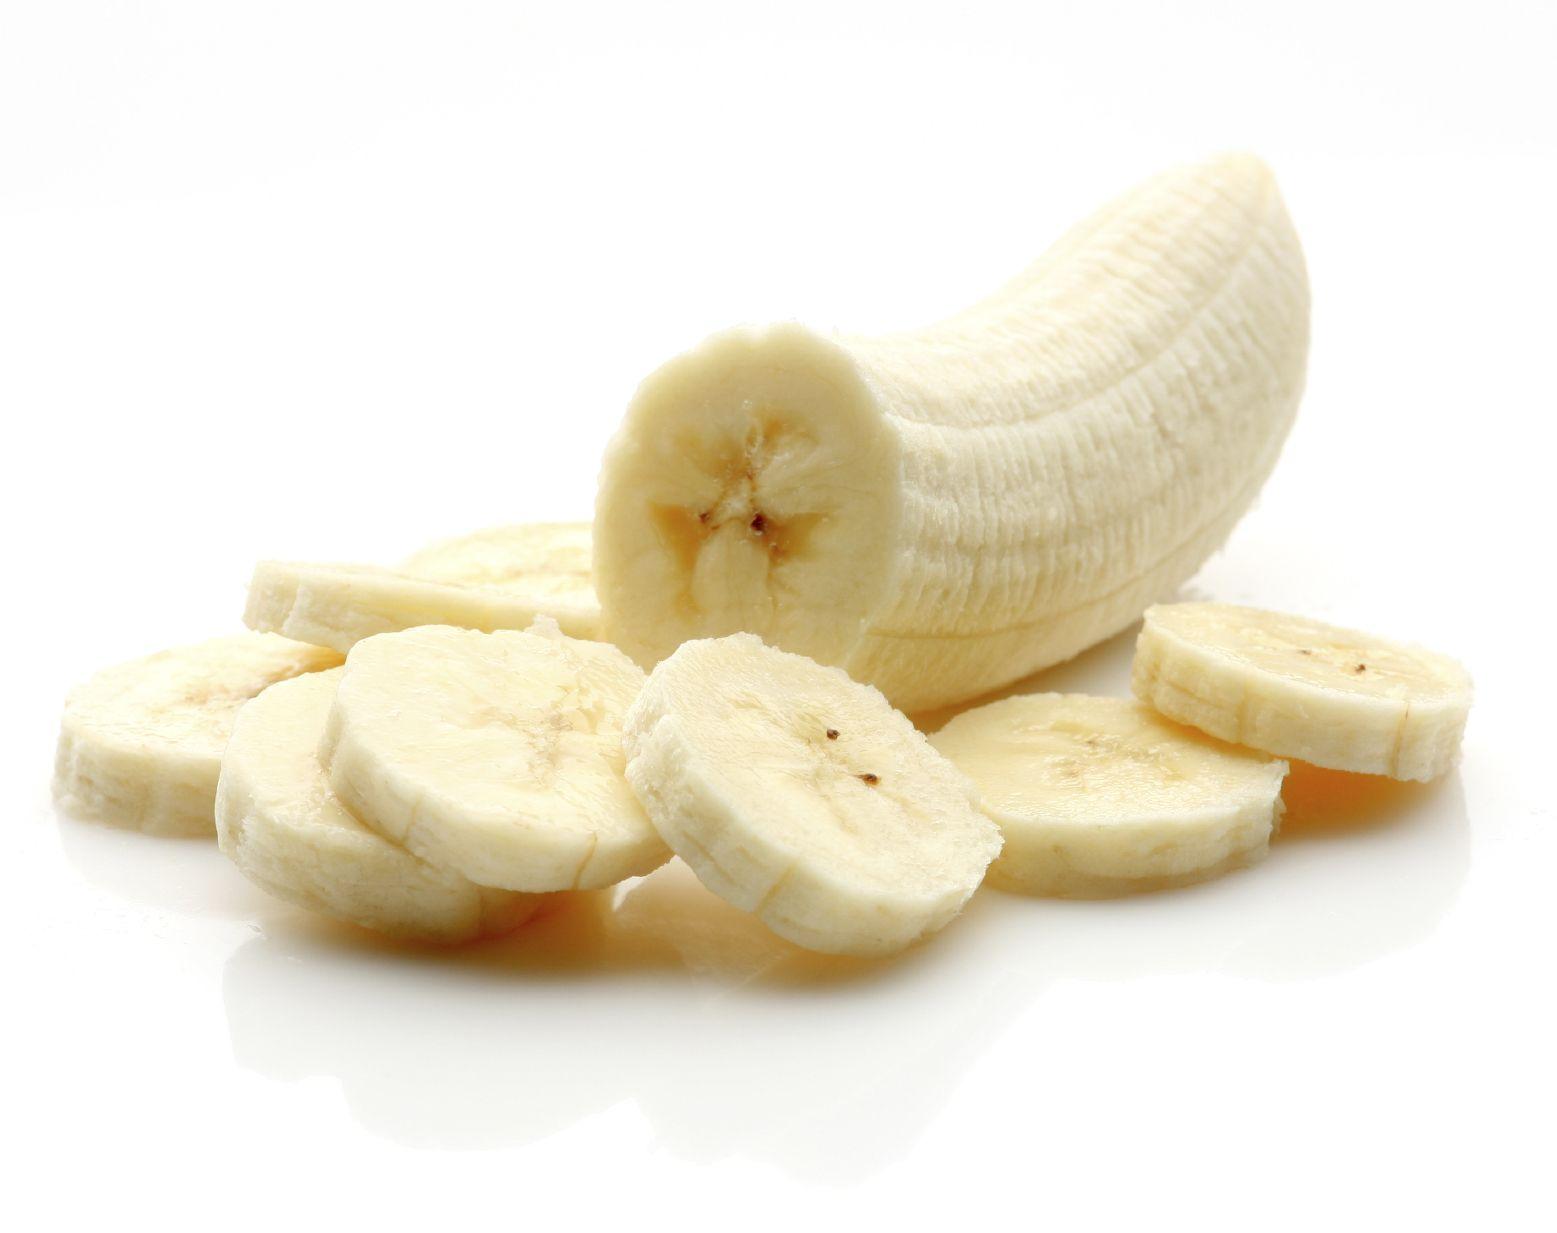 6 zdravých jedál, ktorými sa prejedáme zbytočne banány